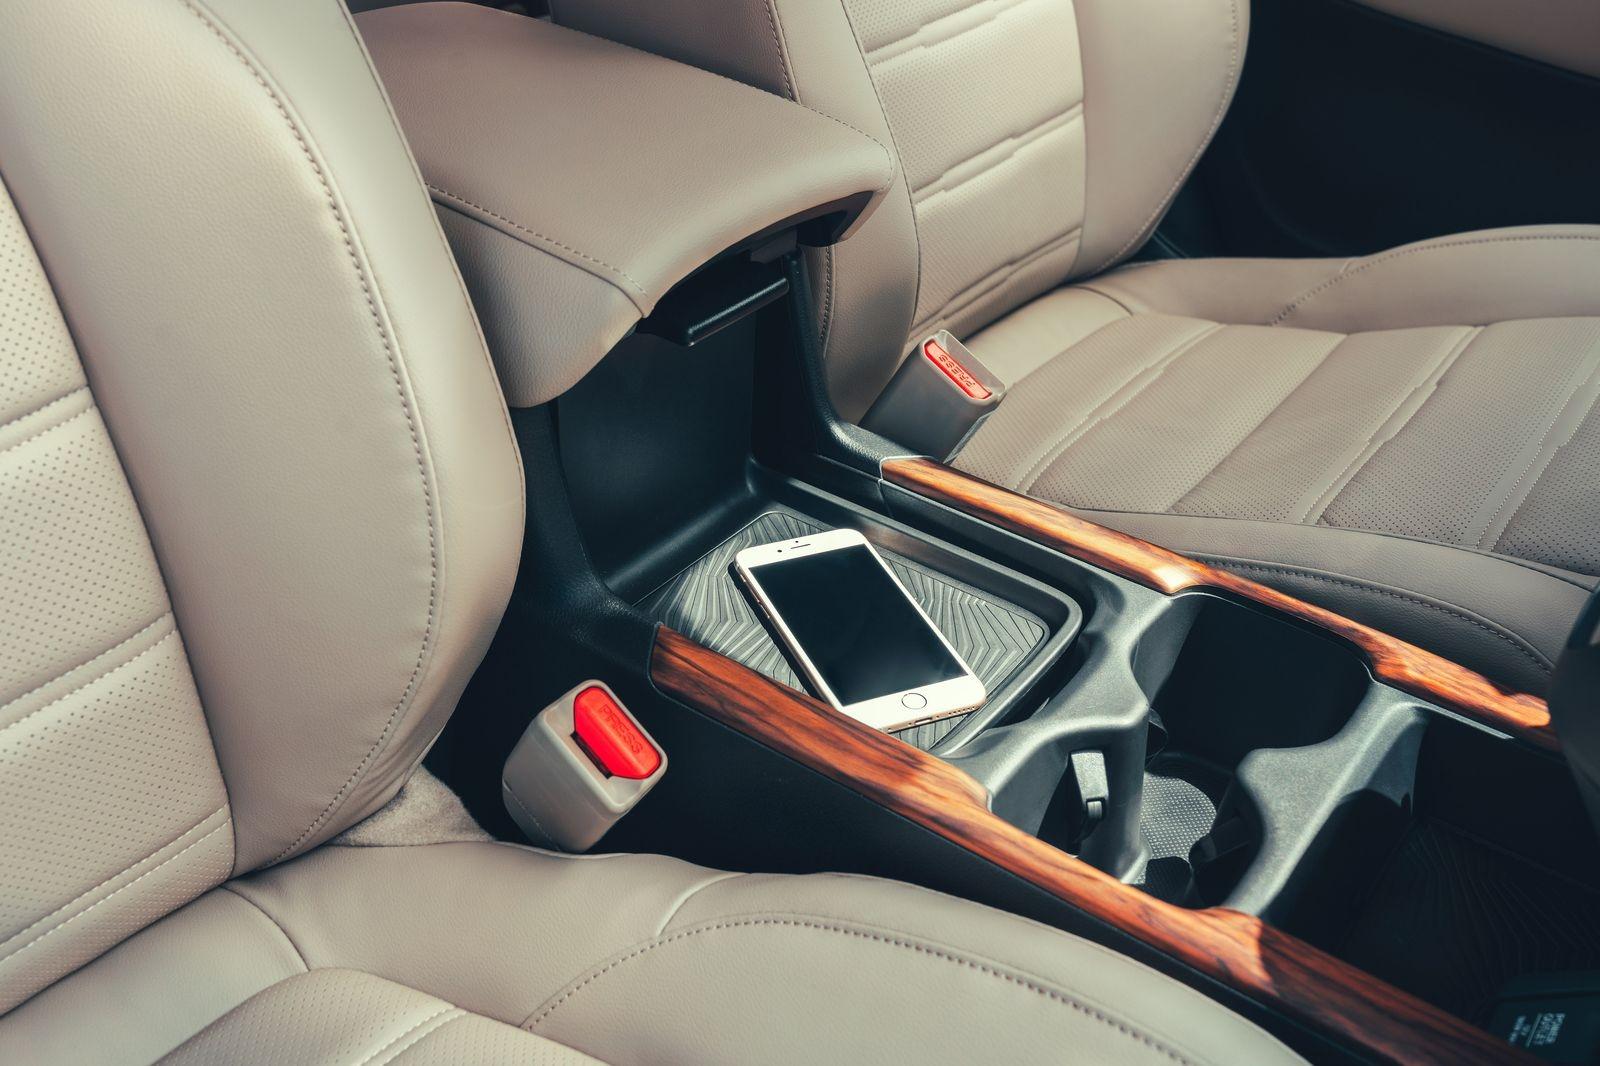 Honda_CR-V_AutoRok_2018__08